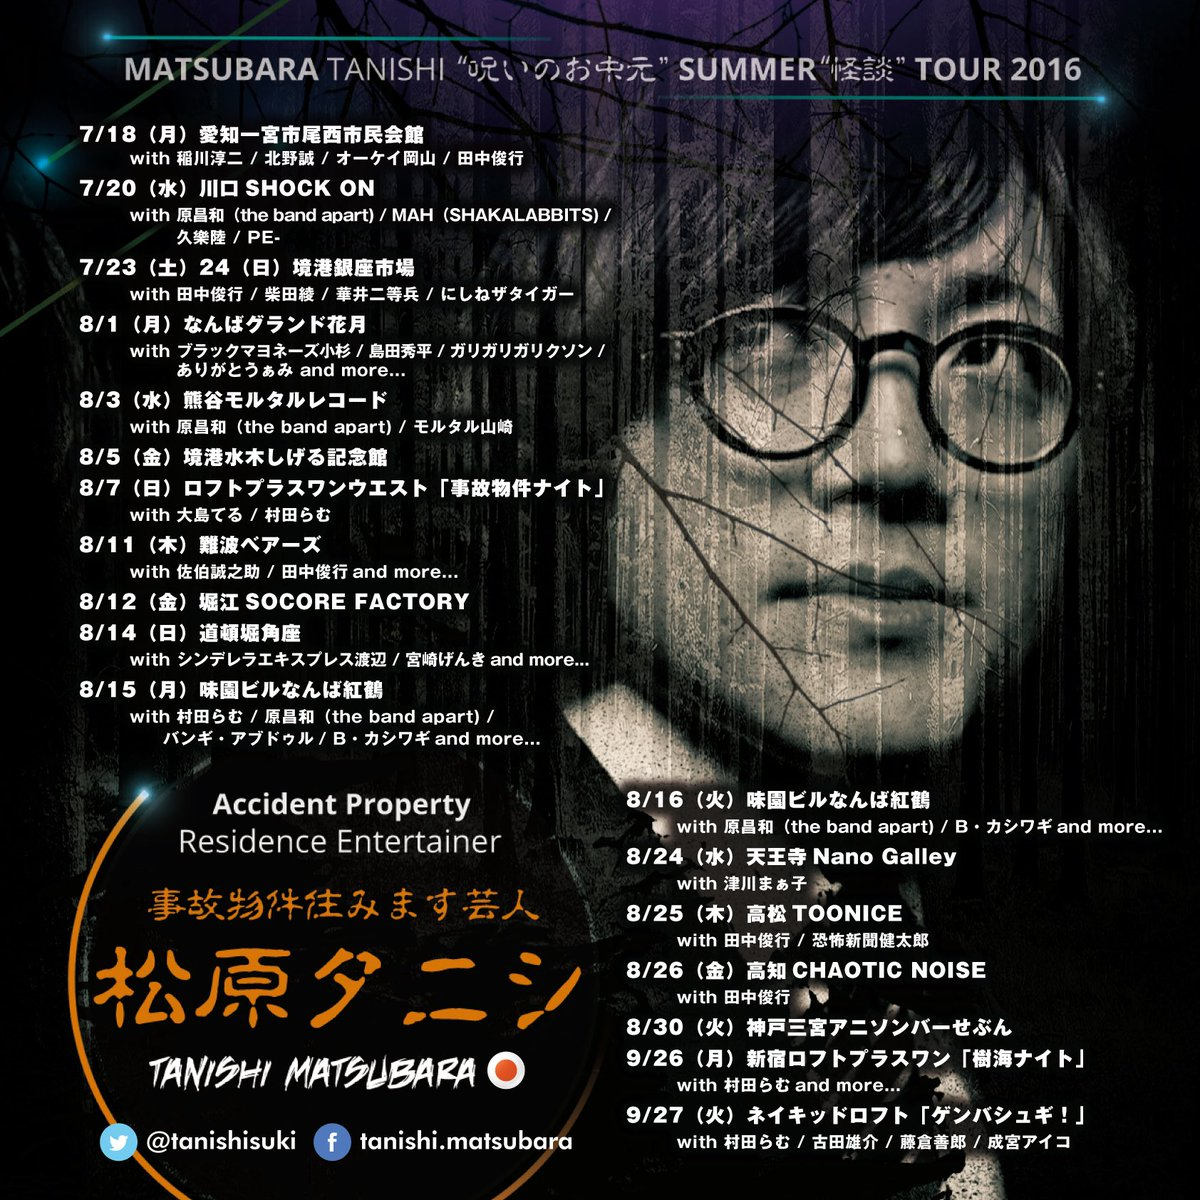 松原タニシの『呪いのお中元 SUMMER 怪談 TOUR 2016』 https://t.co/kBExVf4ED6